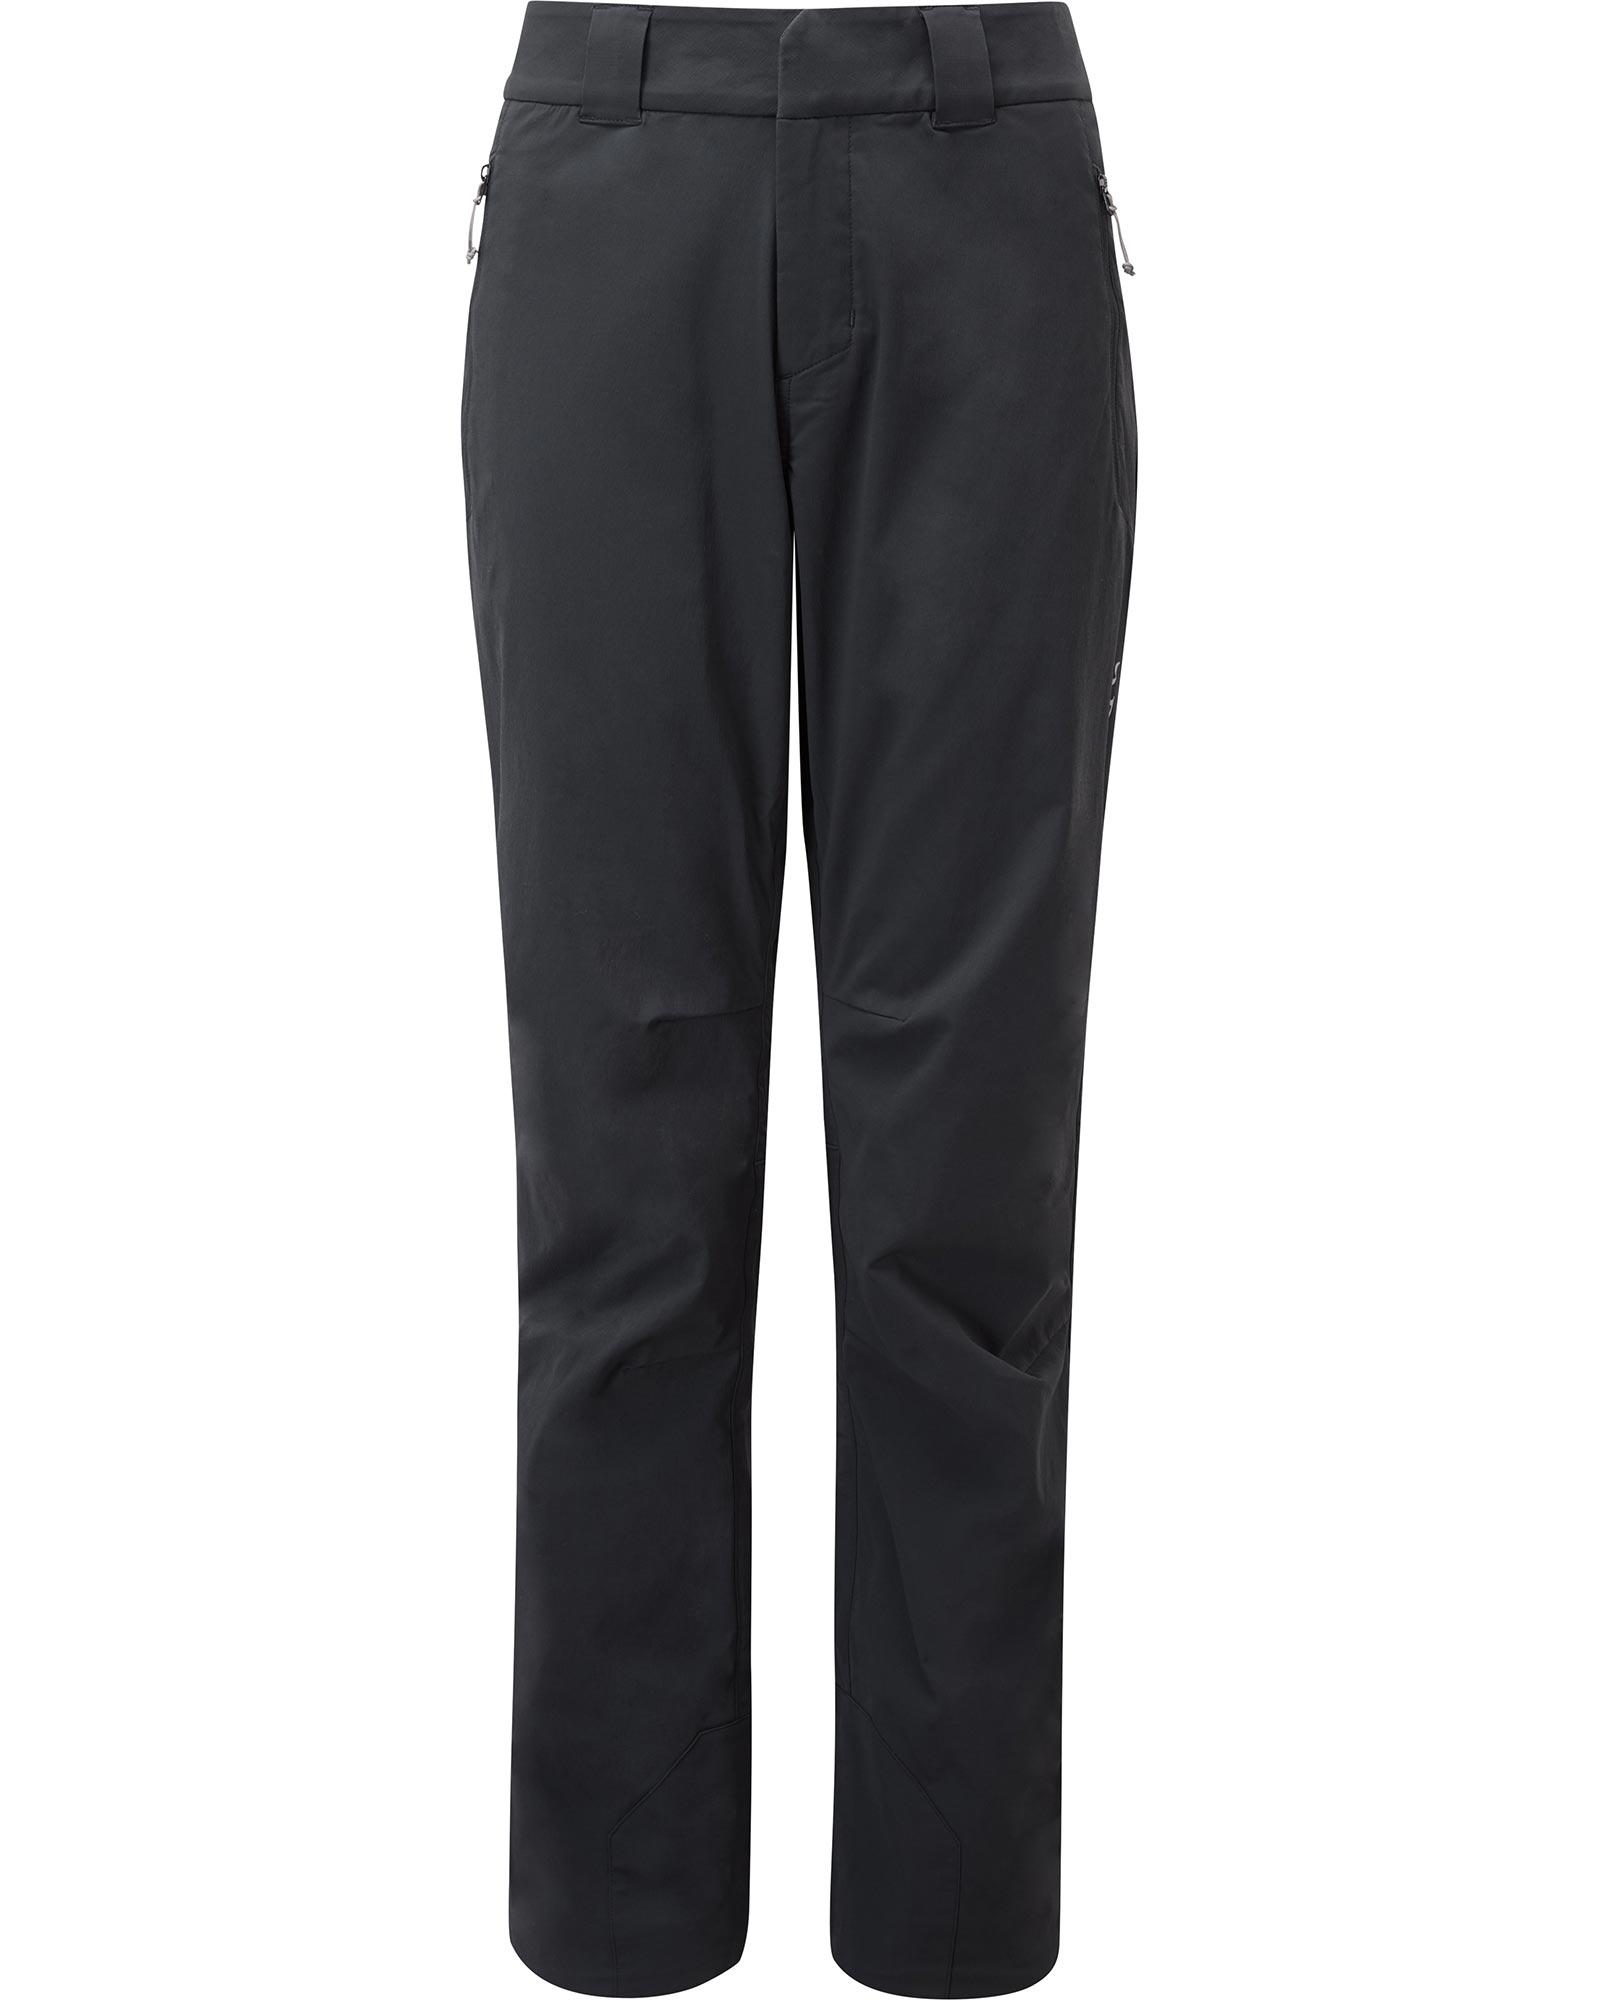 Rab Women's Incline Vapour-Rise Pants 0